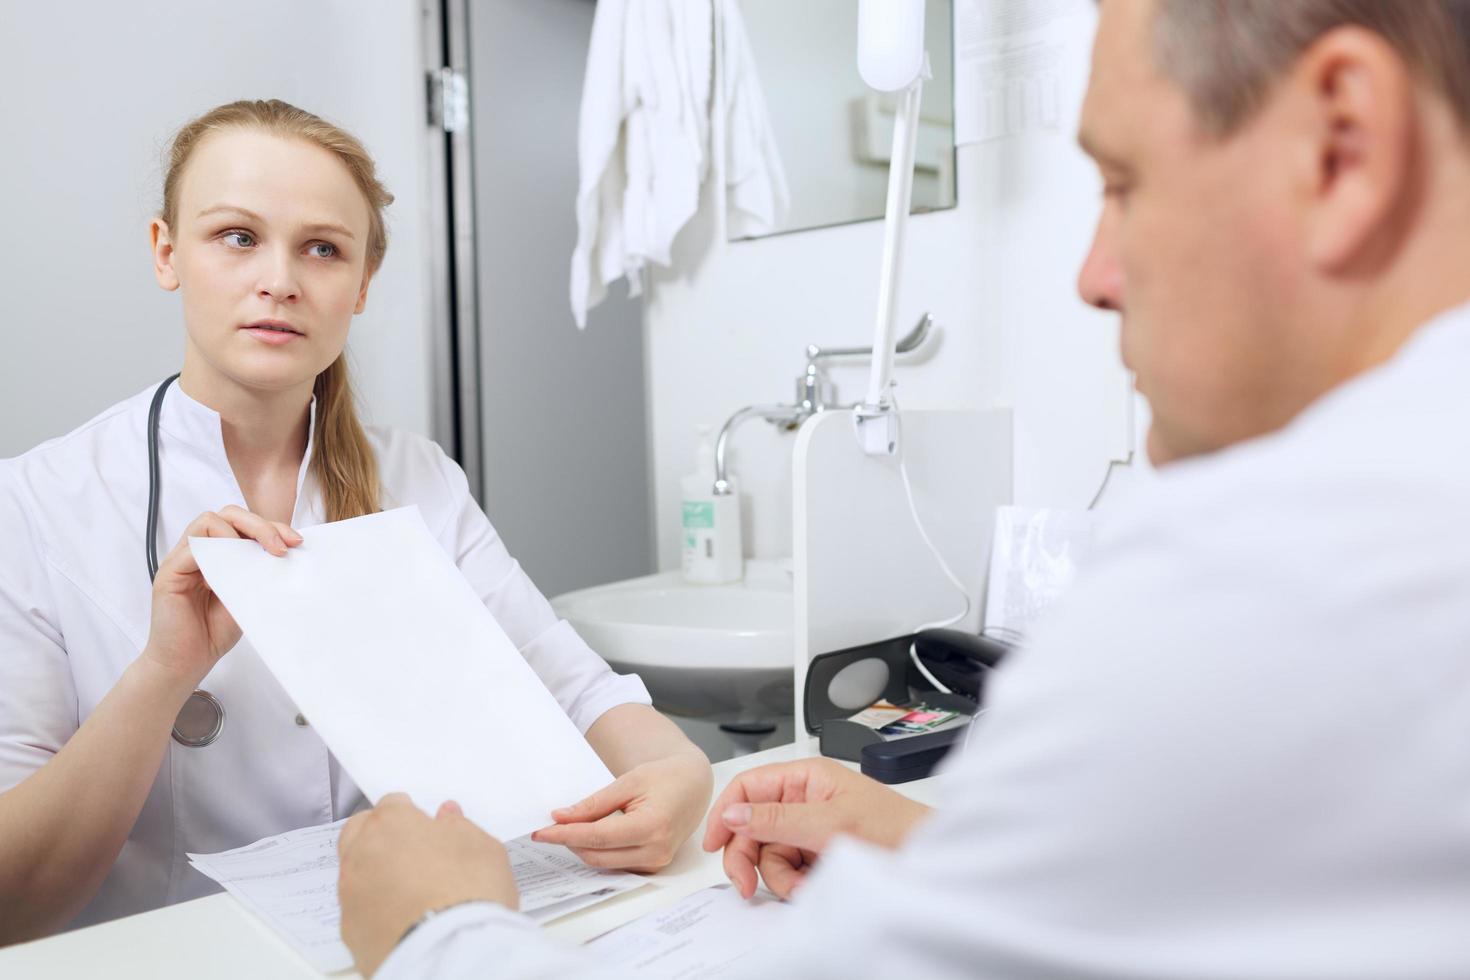 infirmière montre à un médecin une feuille de papier vierge photo